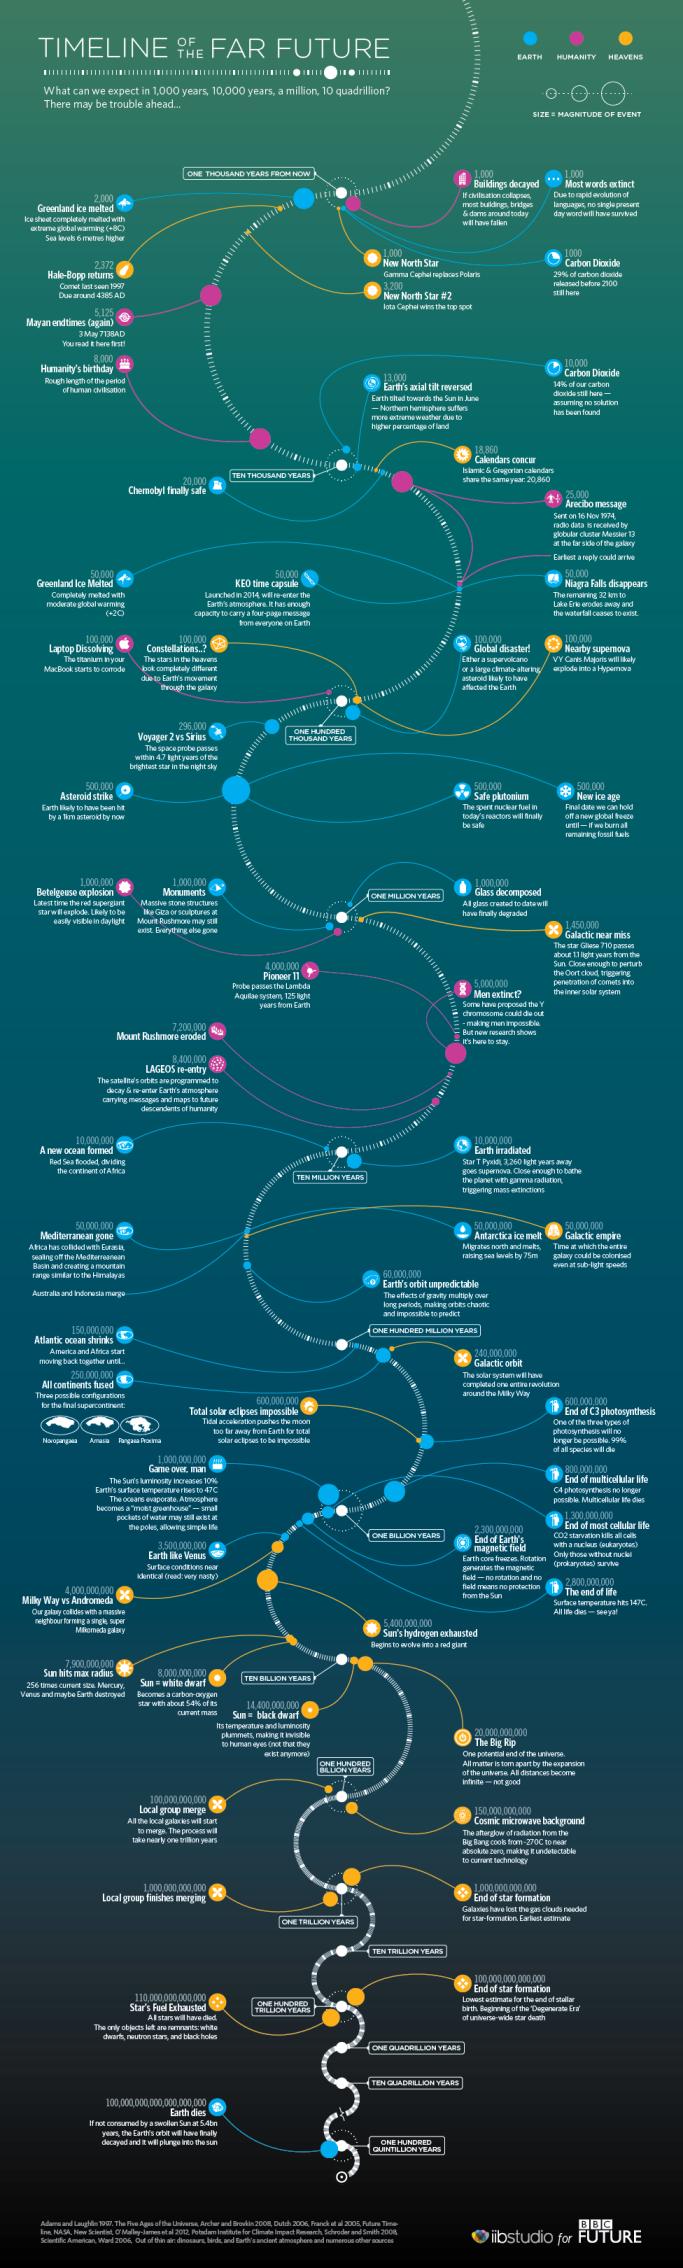 Far Future Timeline